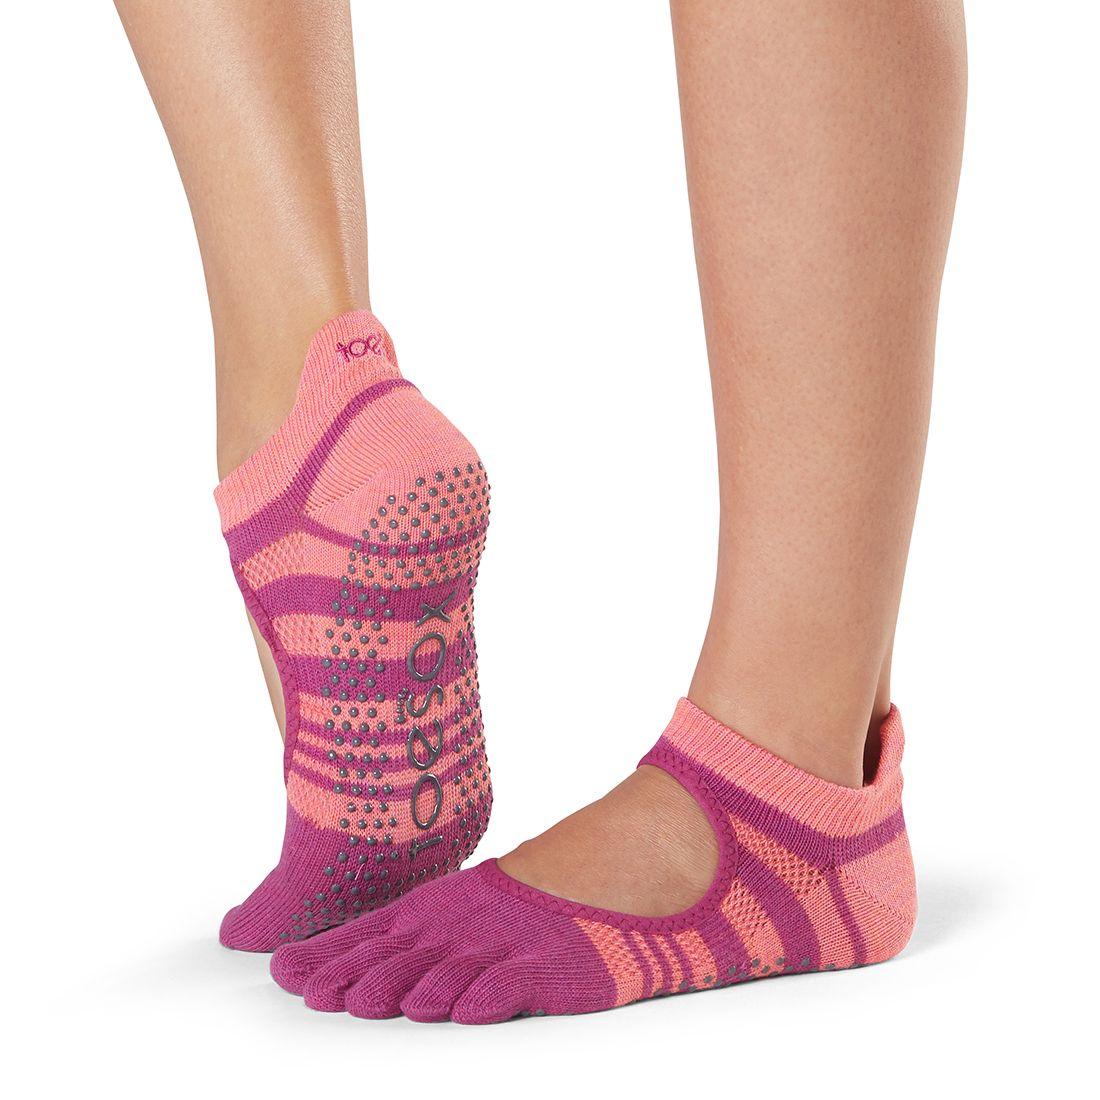 ToeSox Bellarina Full Toe Socks